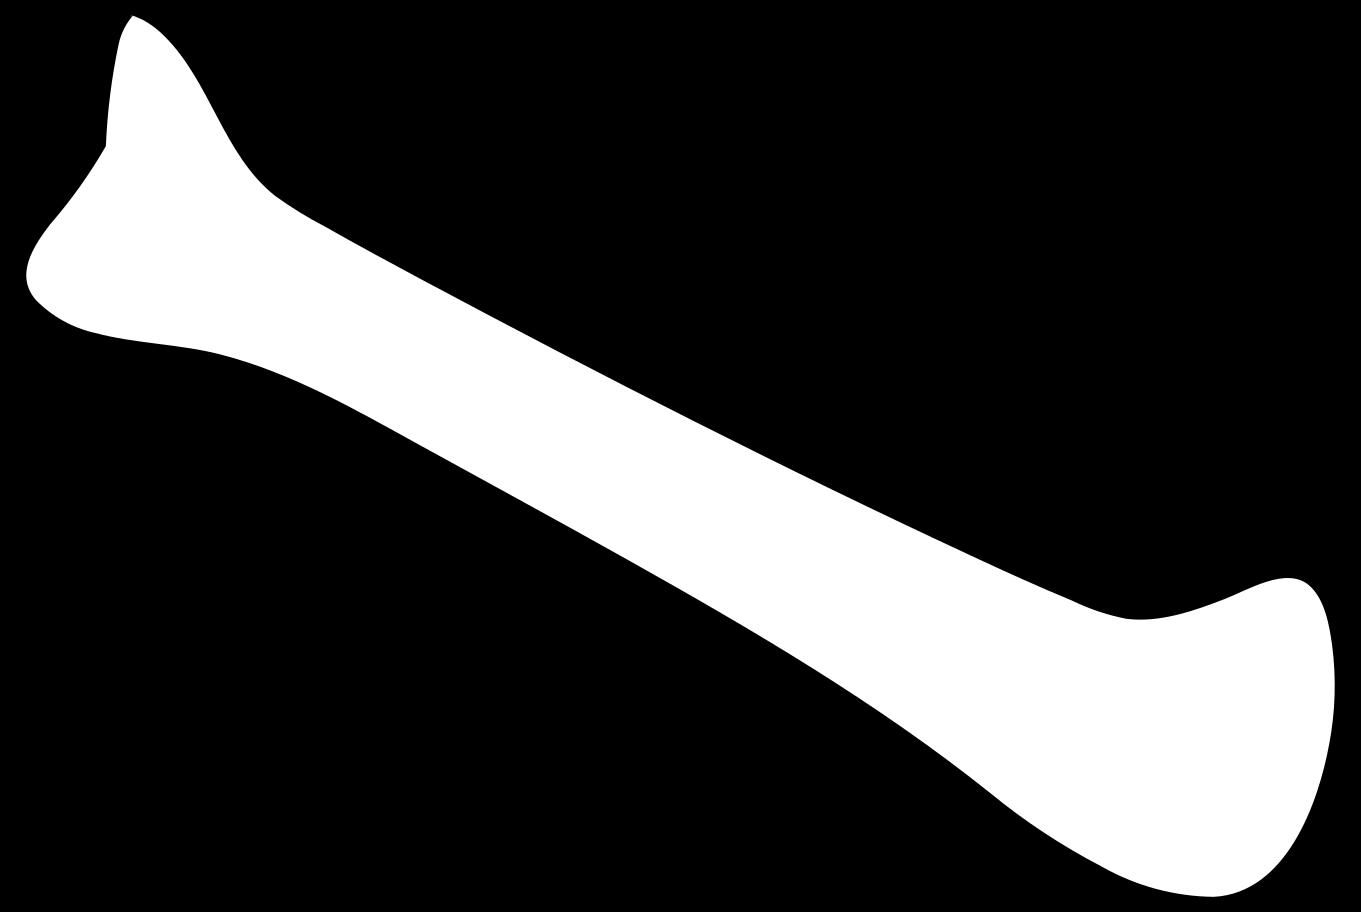 PNGとSVGの  スタイルの 骨 ベクターイメージ | Icons8 イラスト